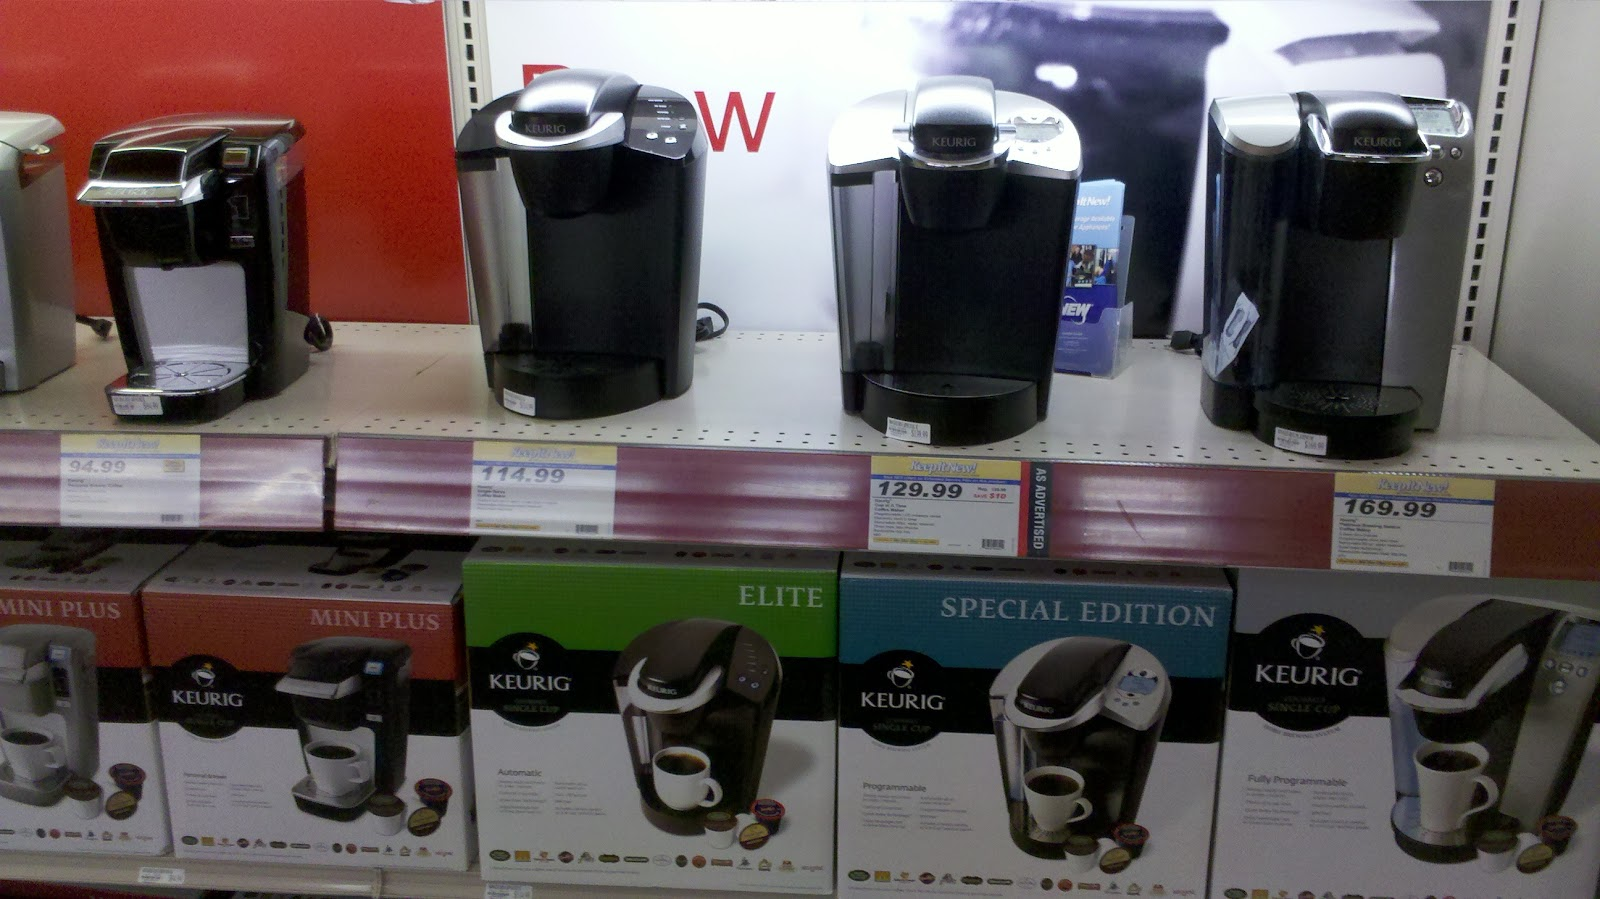 Keurig Coffee Maker Older Models : Blunoz Random Ramblings: Keurig Shopping